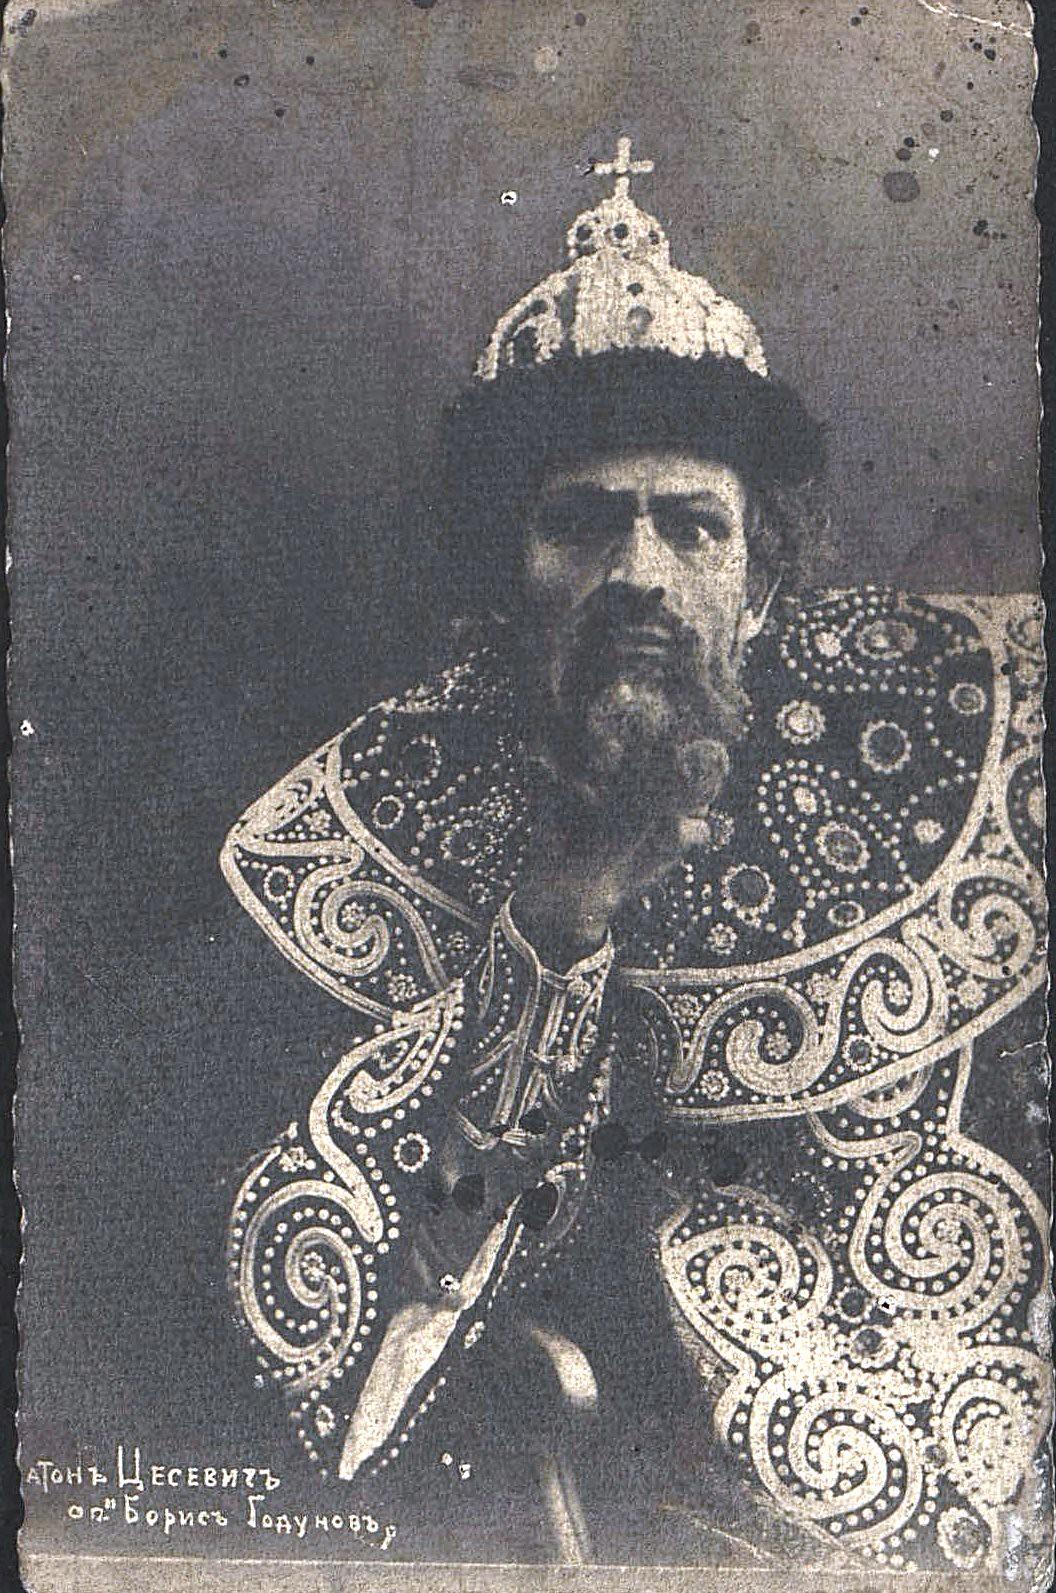 Цесевич Платон Иванович, артист Одесского оперного театра, в роли Бориса Годунова в опере «Борис Годунов». 1913